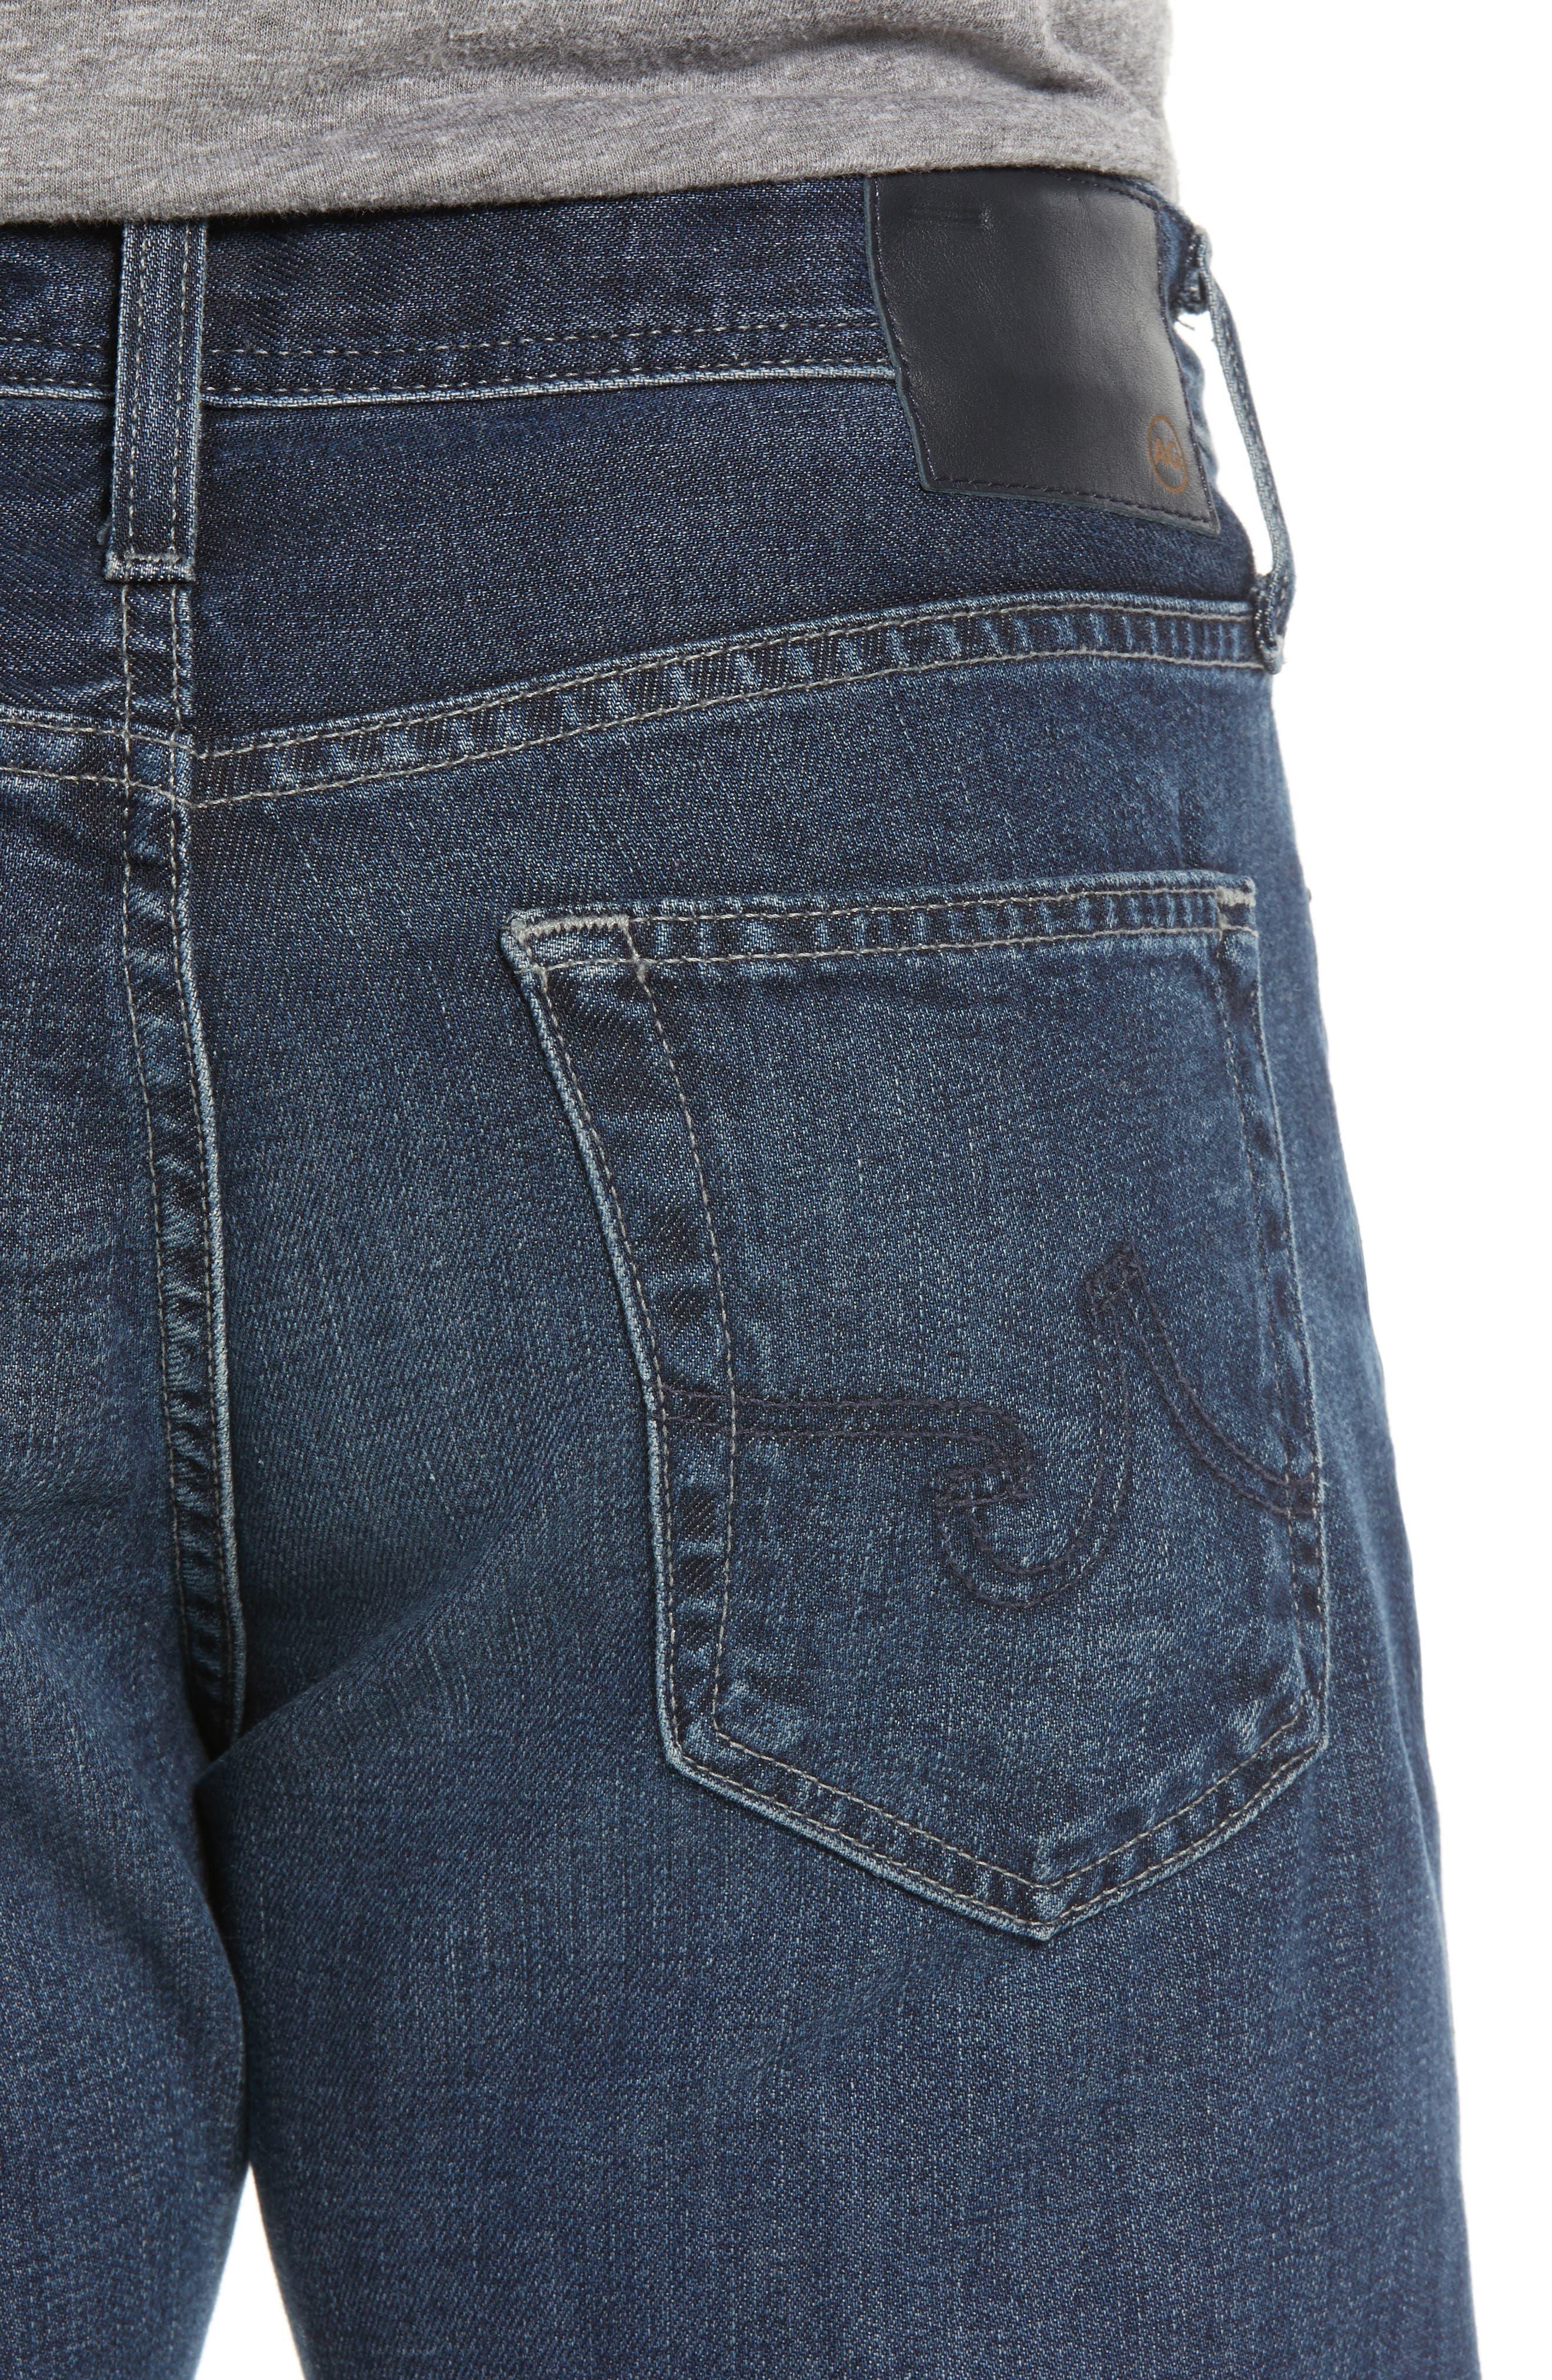 Everett Slim Straight Leg Jeans,                             Alternate thumbnail 4, color,                             7 YEARS PARK AVEUNE